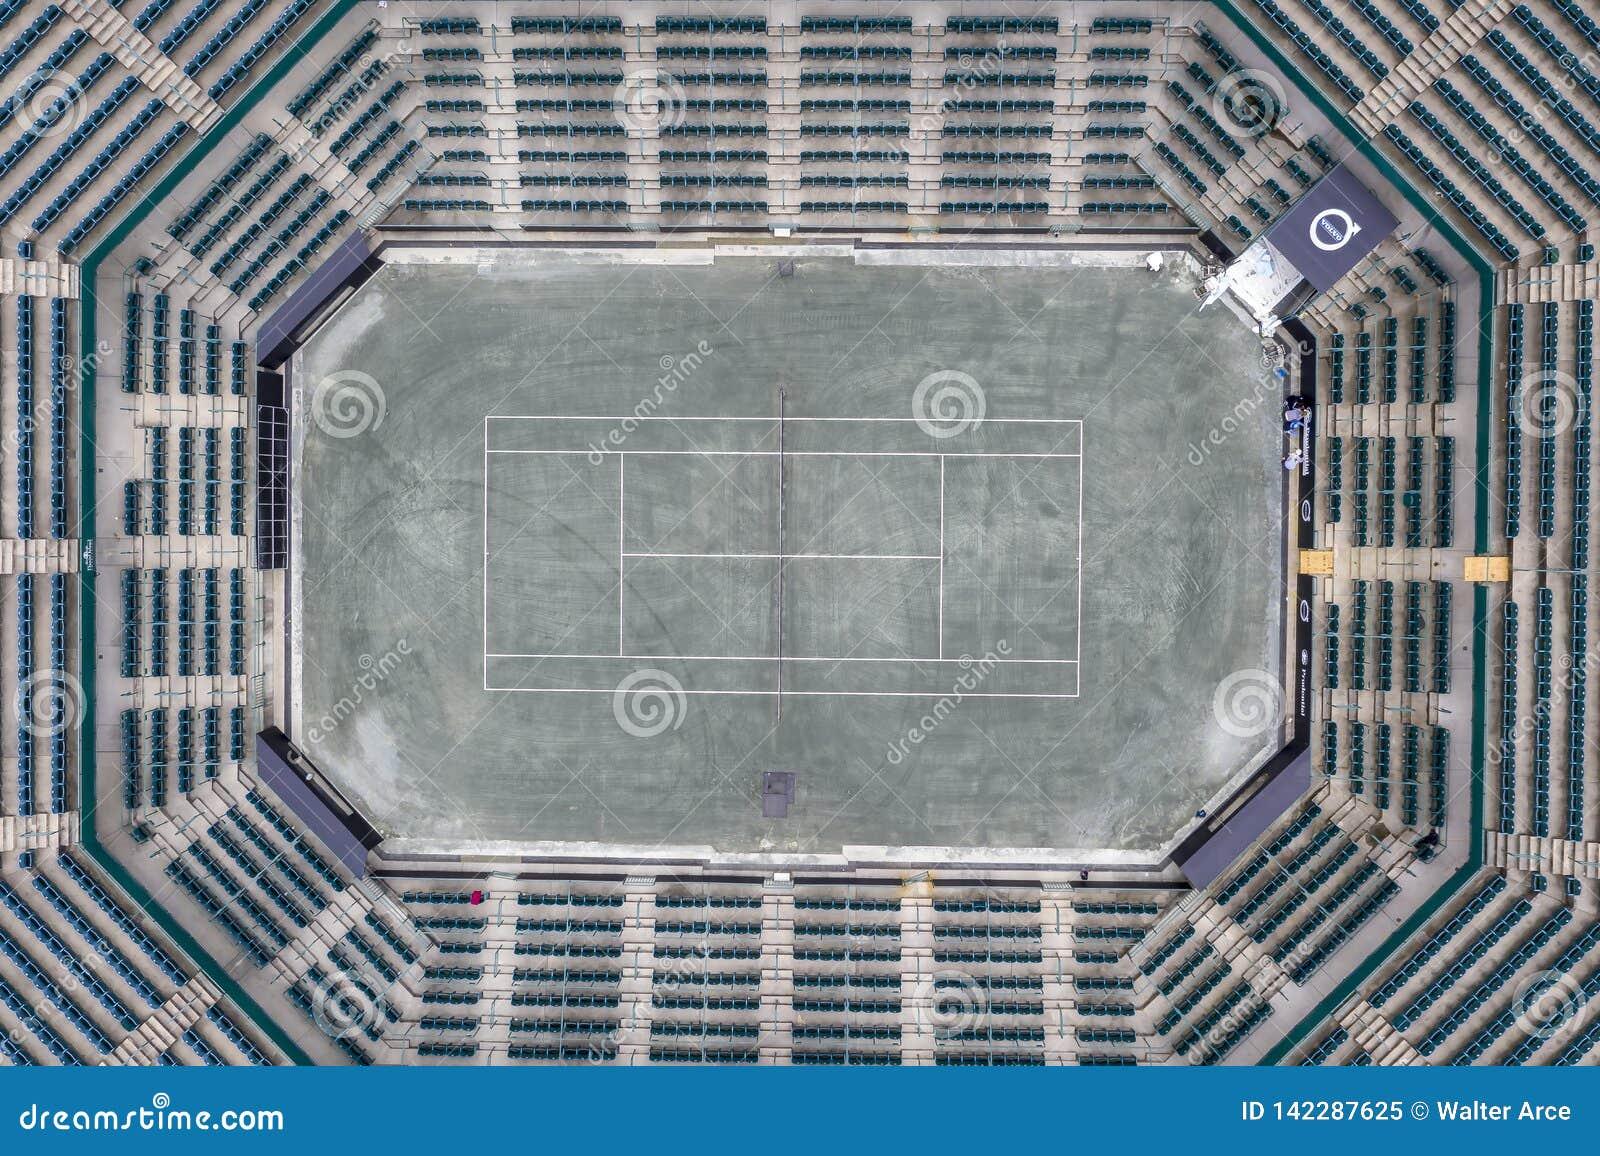 WTA: Ideias aéreas do 16 de março do estádio principal aberto do carro de Volvo